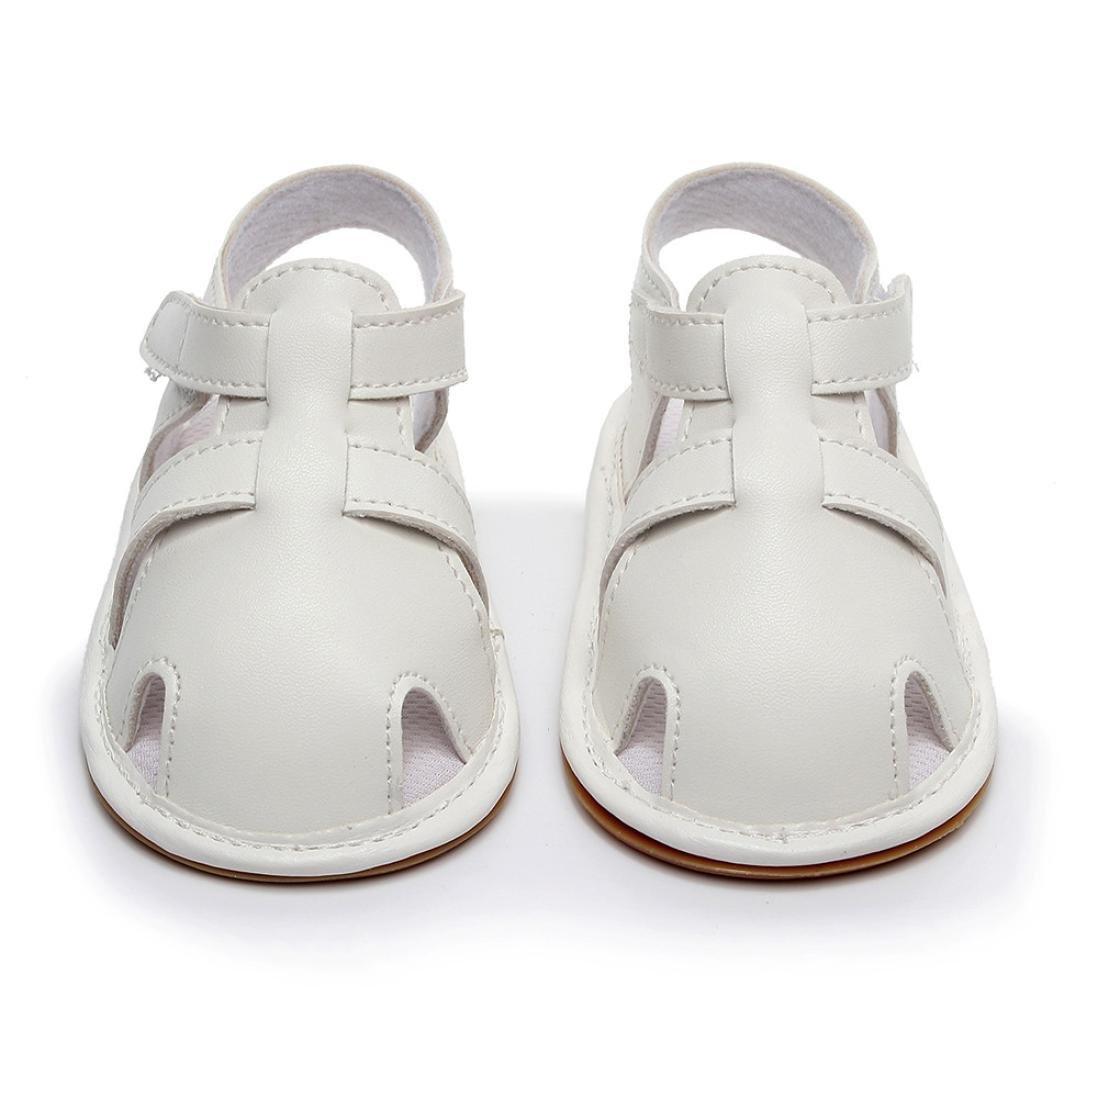 yjydada幼児ベビーボーイズガールズレザーローマソール靴夏サンダル最初Walkers B07DHFL8MS  ホワイト 12